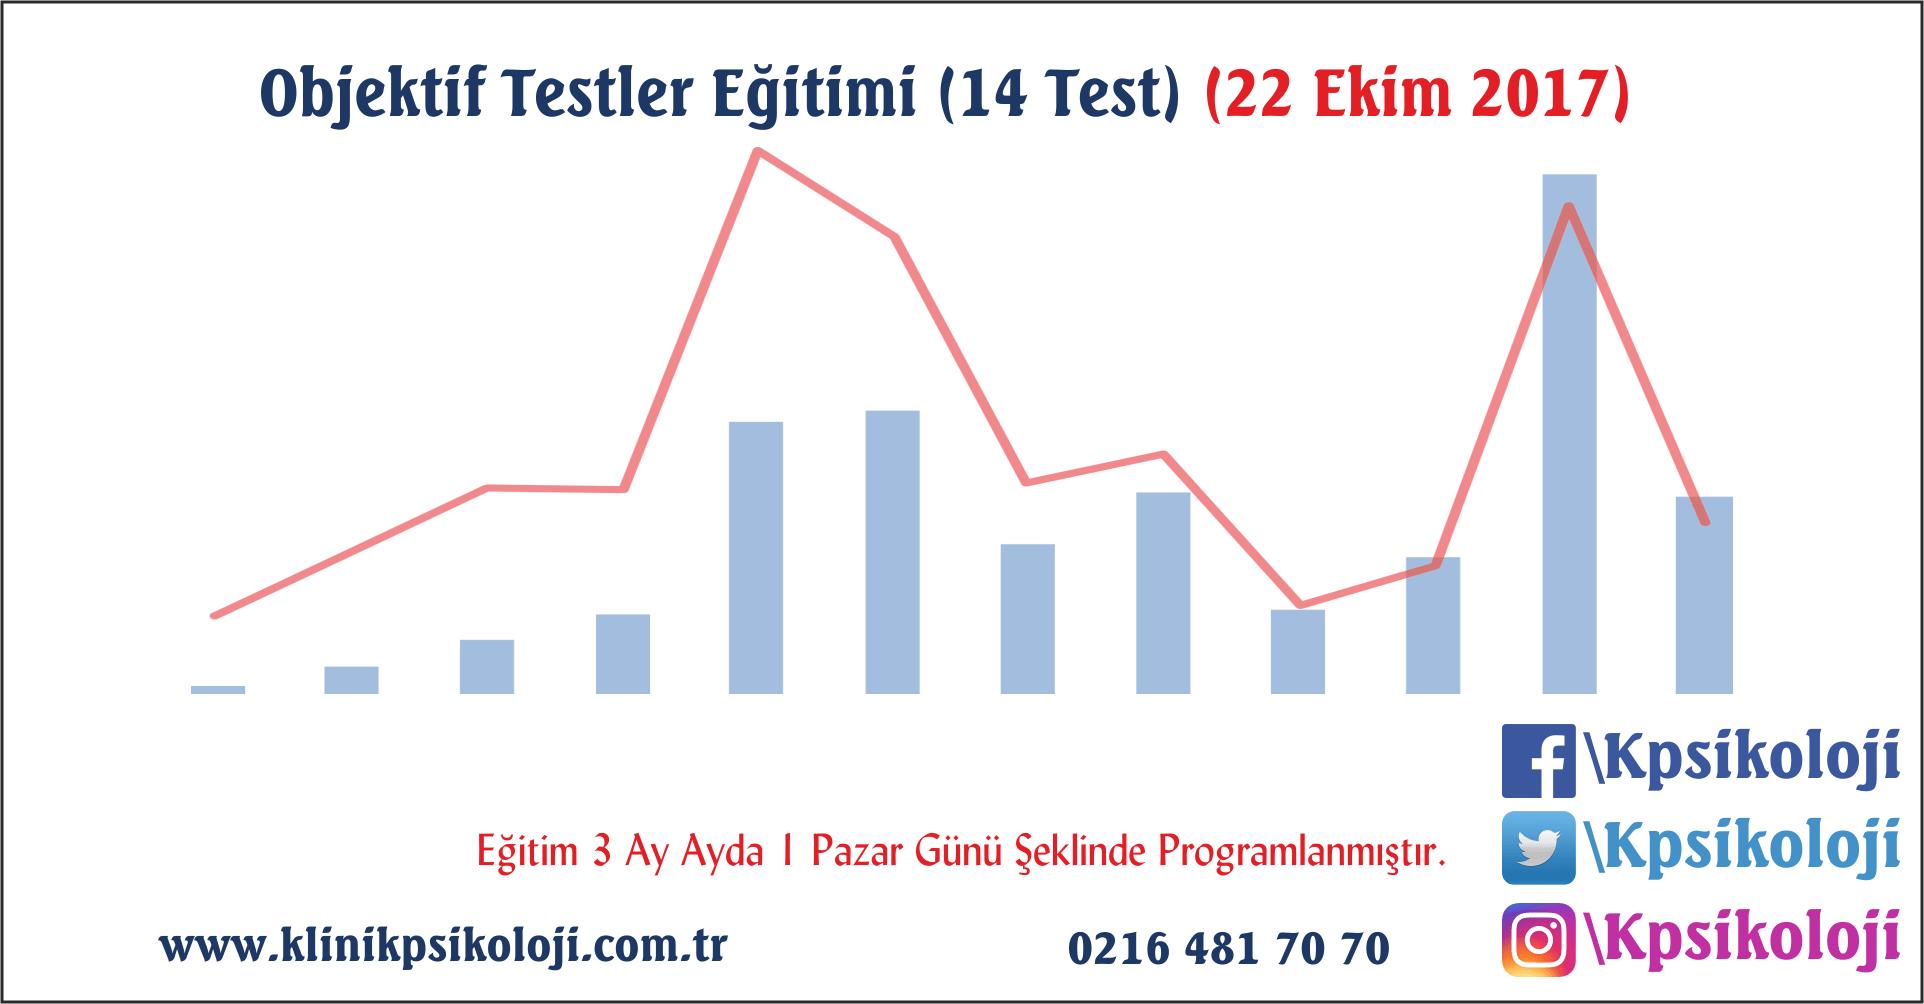 Objektif Testler Eğitimi (14 Test) (22 Ekim 2017)